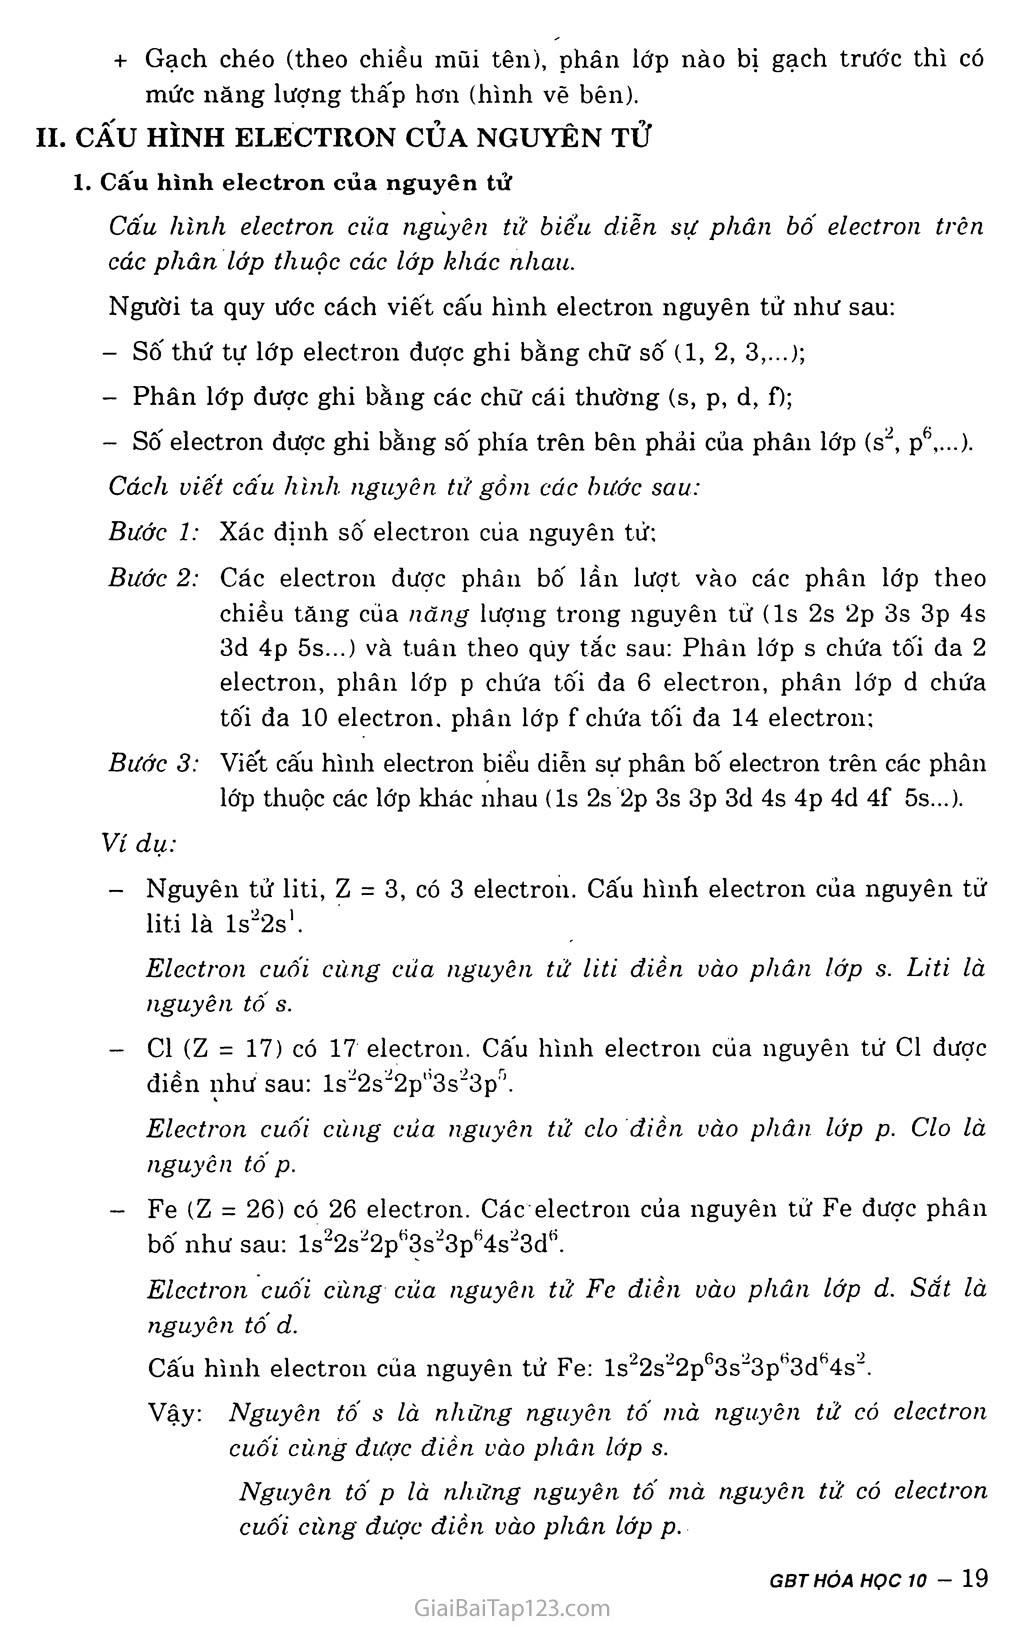 Bài 5: Cấu hình electron nguyên tử trang 2